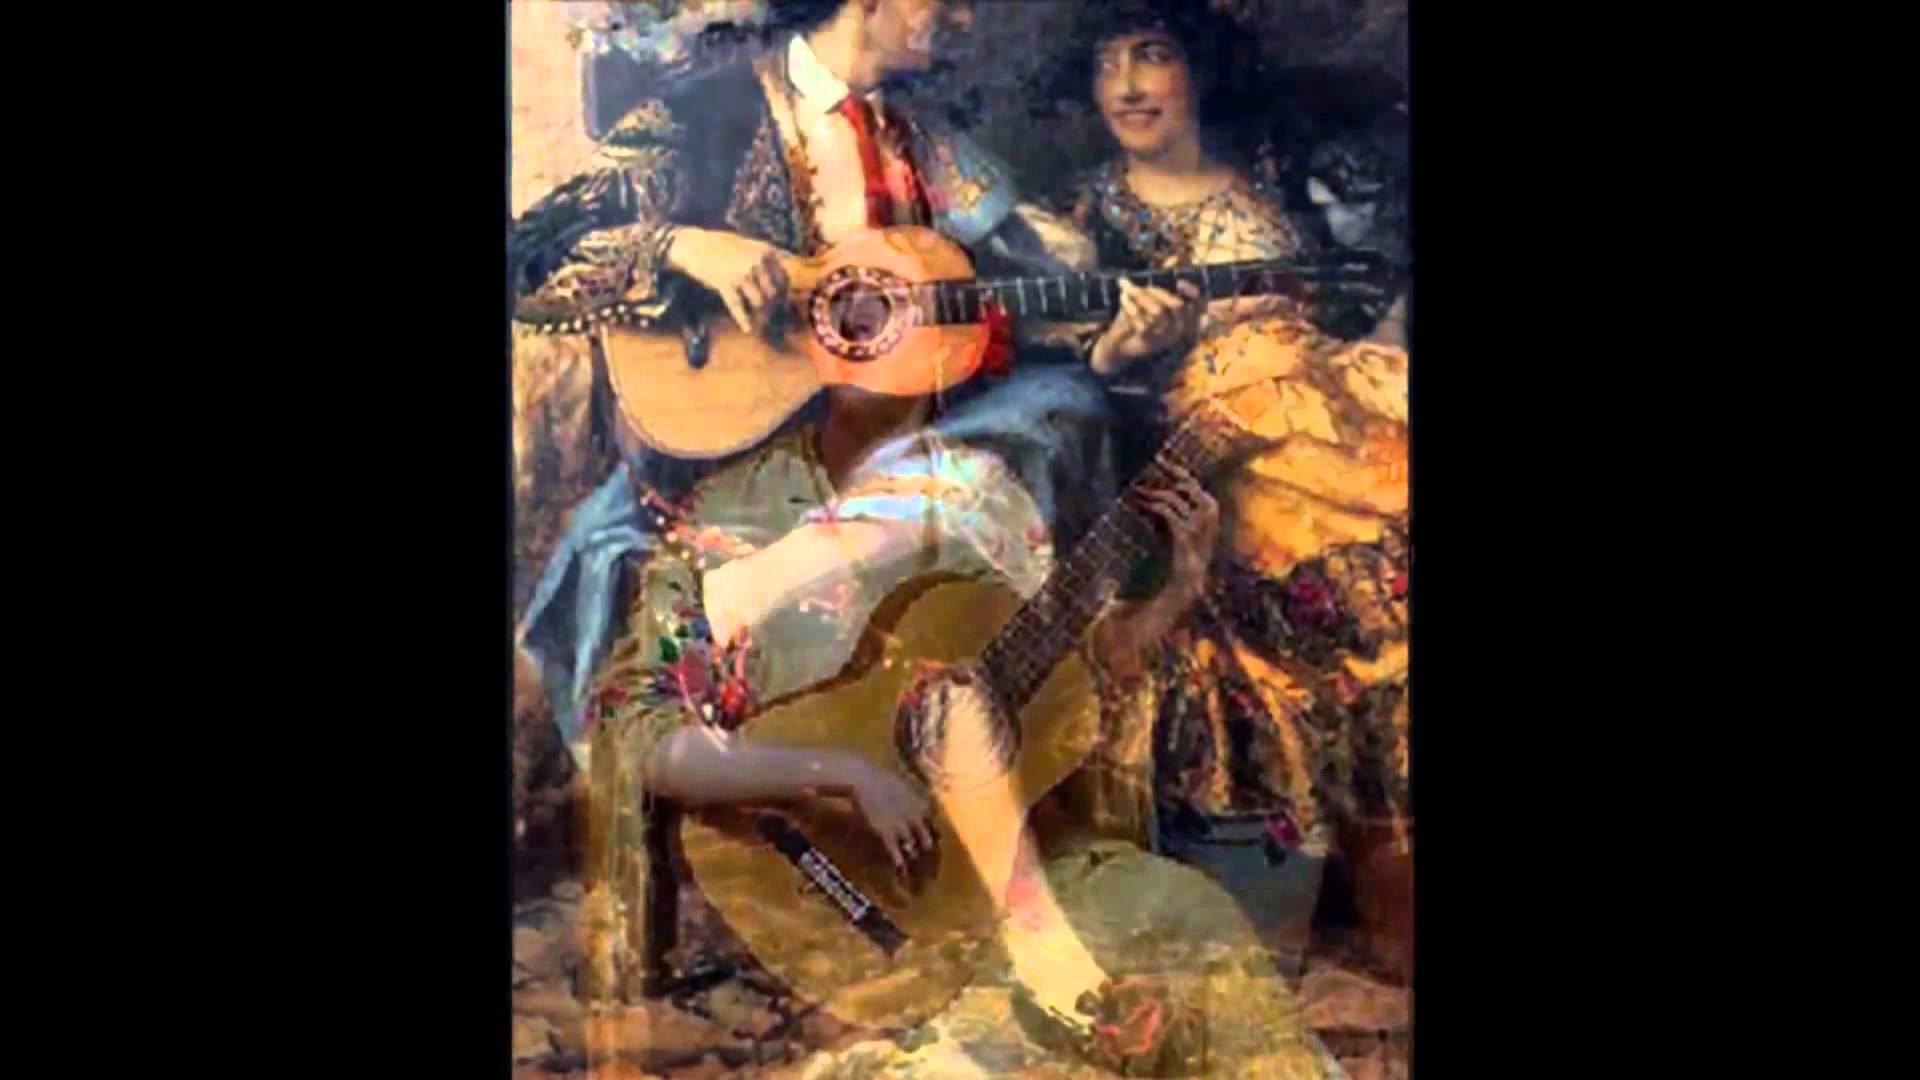 к одному из романсов из сборника цыганское романсеро испанского поэта федерико гарсия лорки